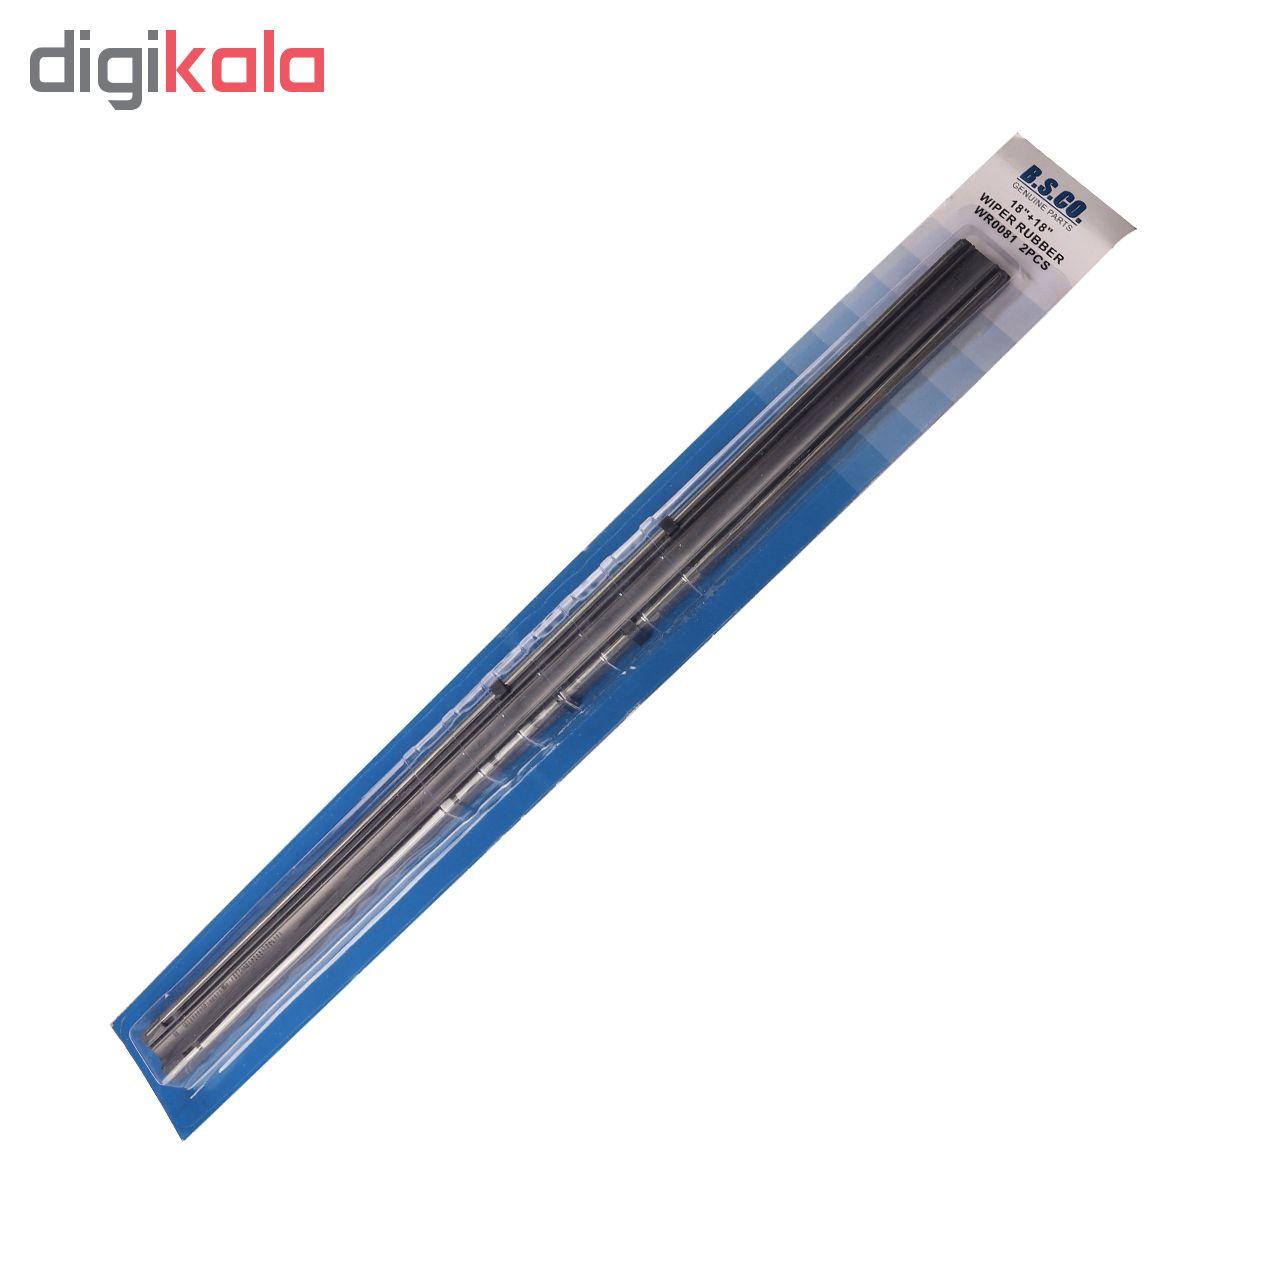 لاستیک تیغه برف پاکن بی.اس.کو مدل S4 مناسب برای پراید main 1 1